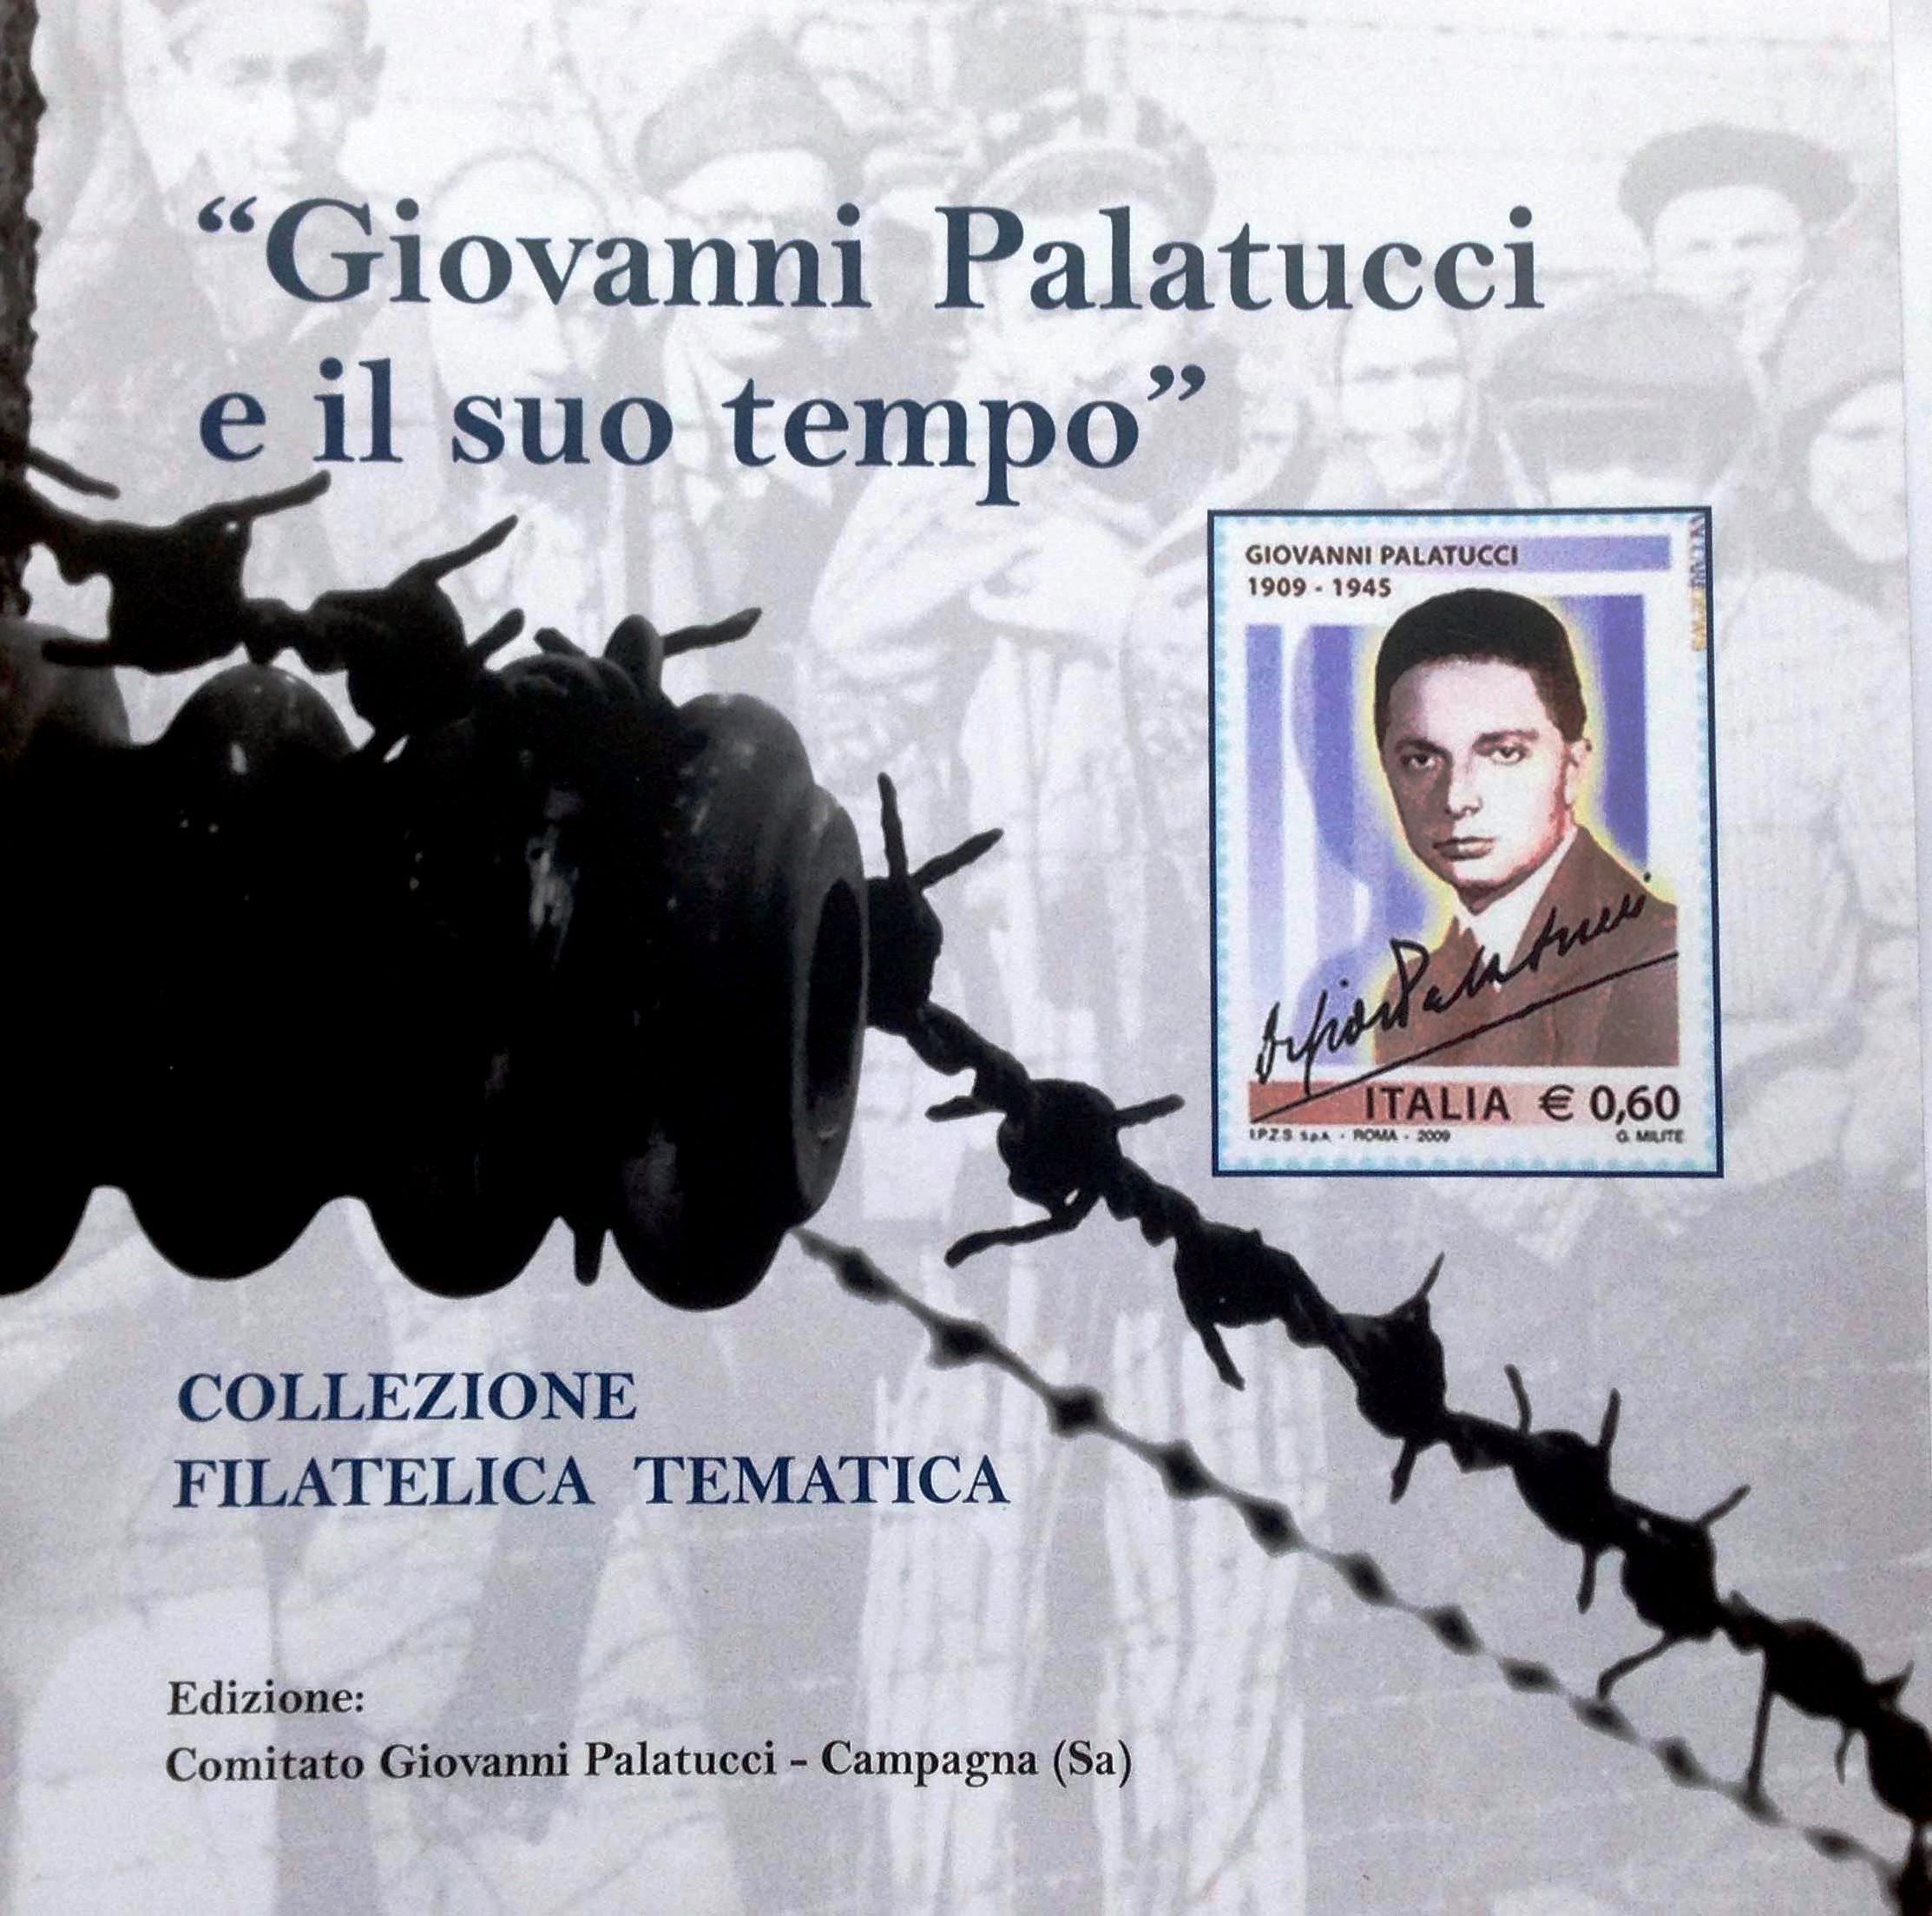 CATALOGO FILATELICO COMITATO - 2020